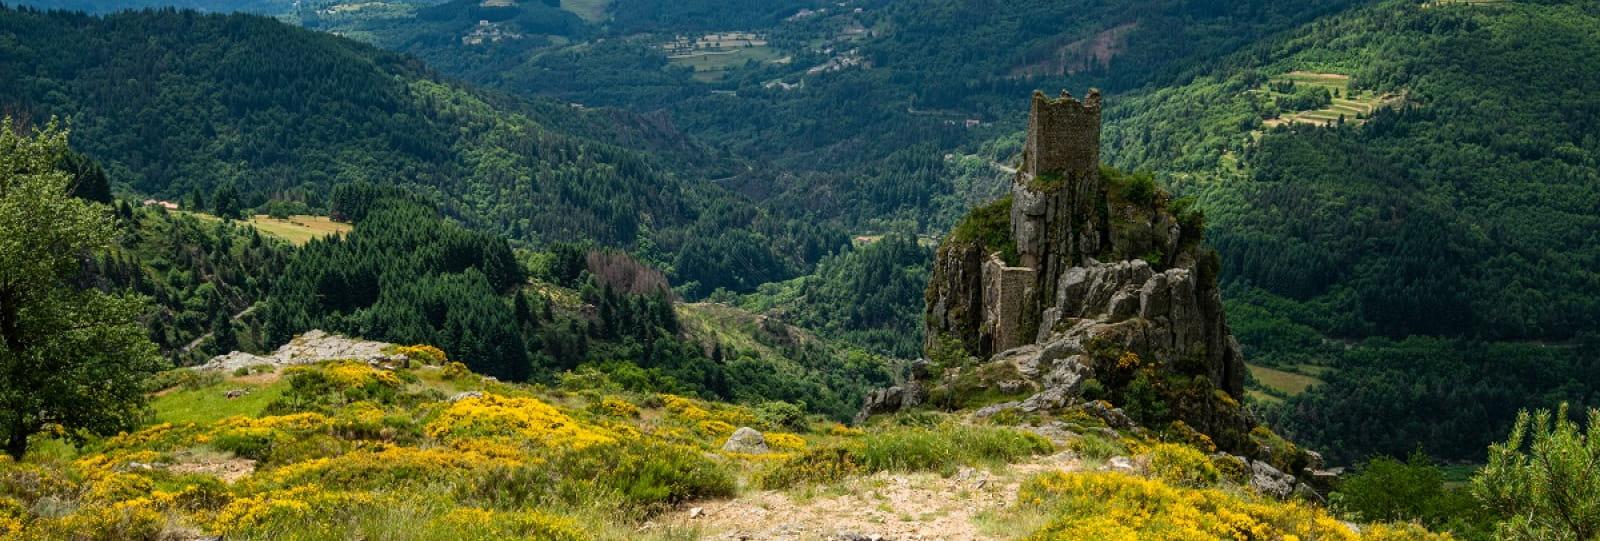 Circuit Emerveillés par l'Ardèche